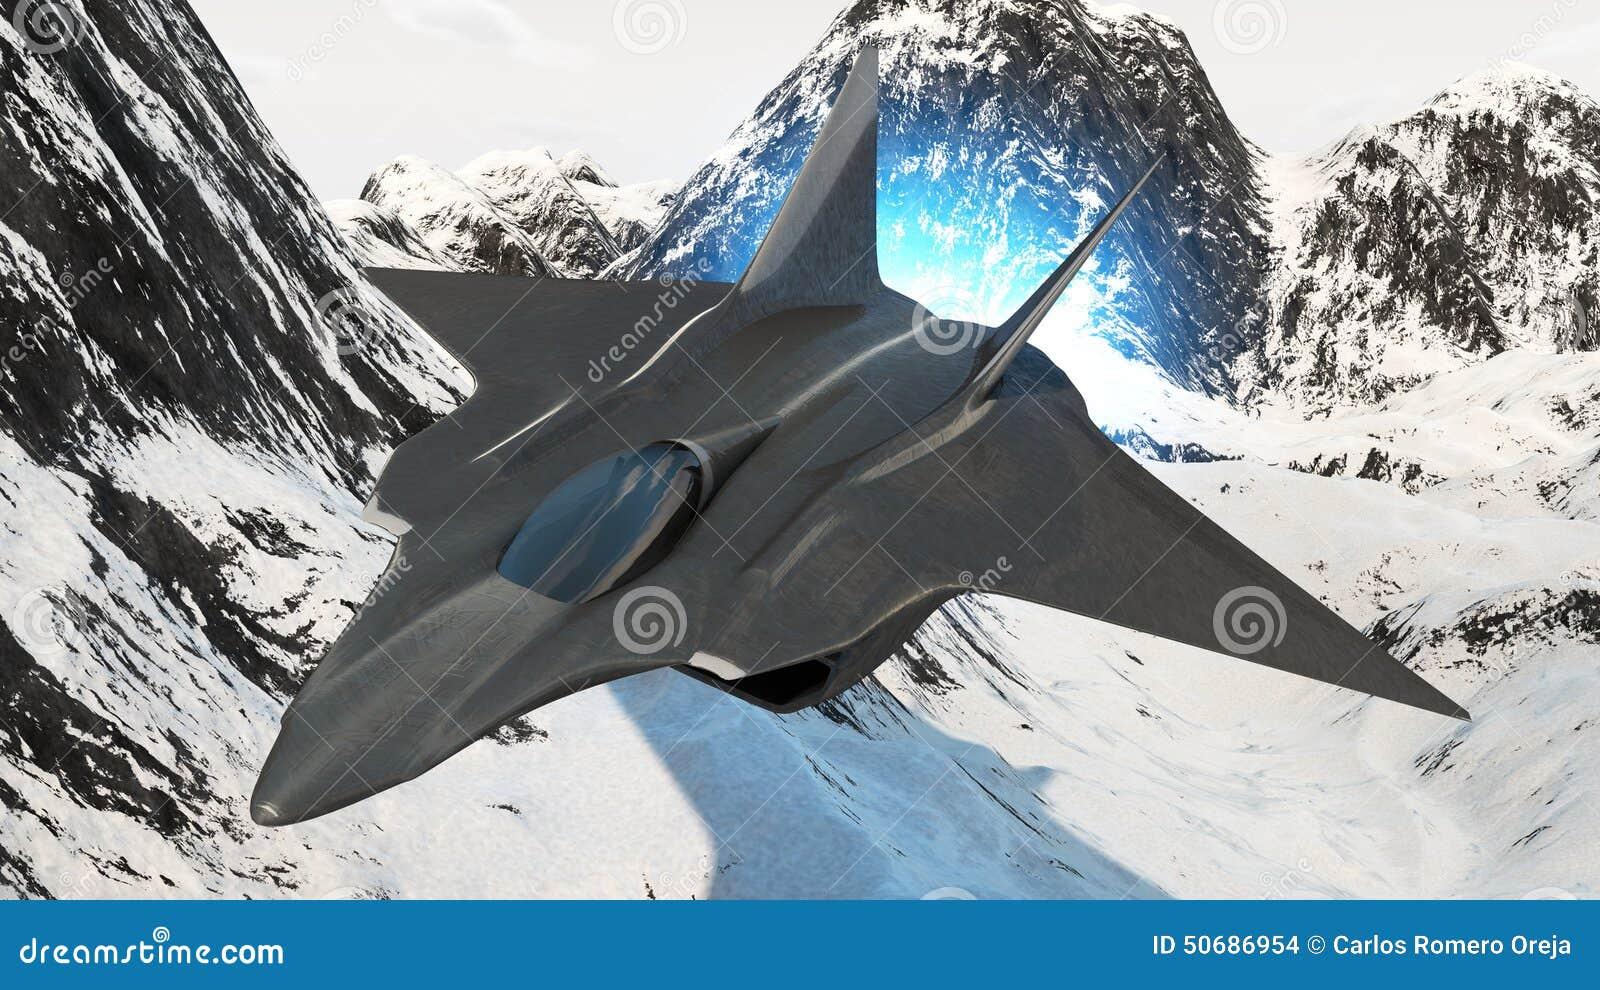 Download 航空器原型 库存例证. 插画 包括有 战斗机, 航空, 行动, 无形, 湿剂, 远期, 飞行, 任务, 蓝蓝 - 50686954